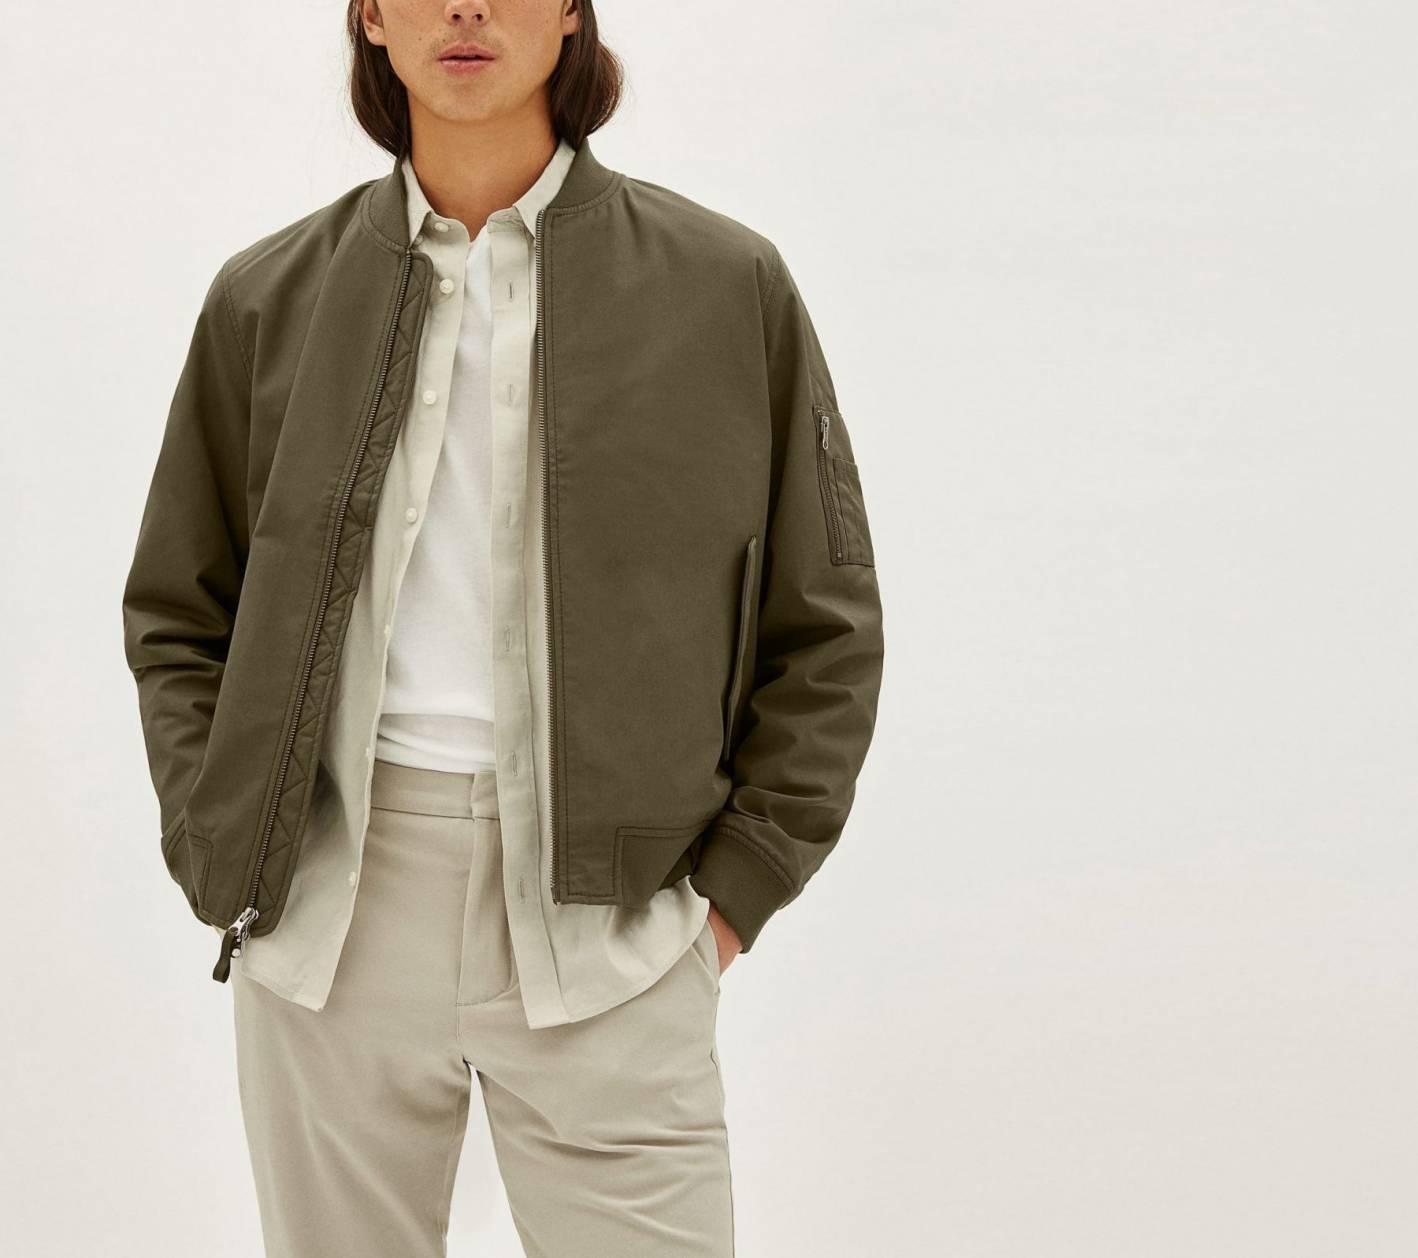 everlane bomber jacket 2021